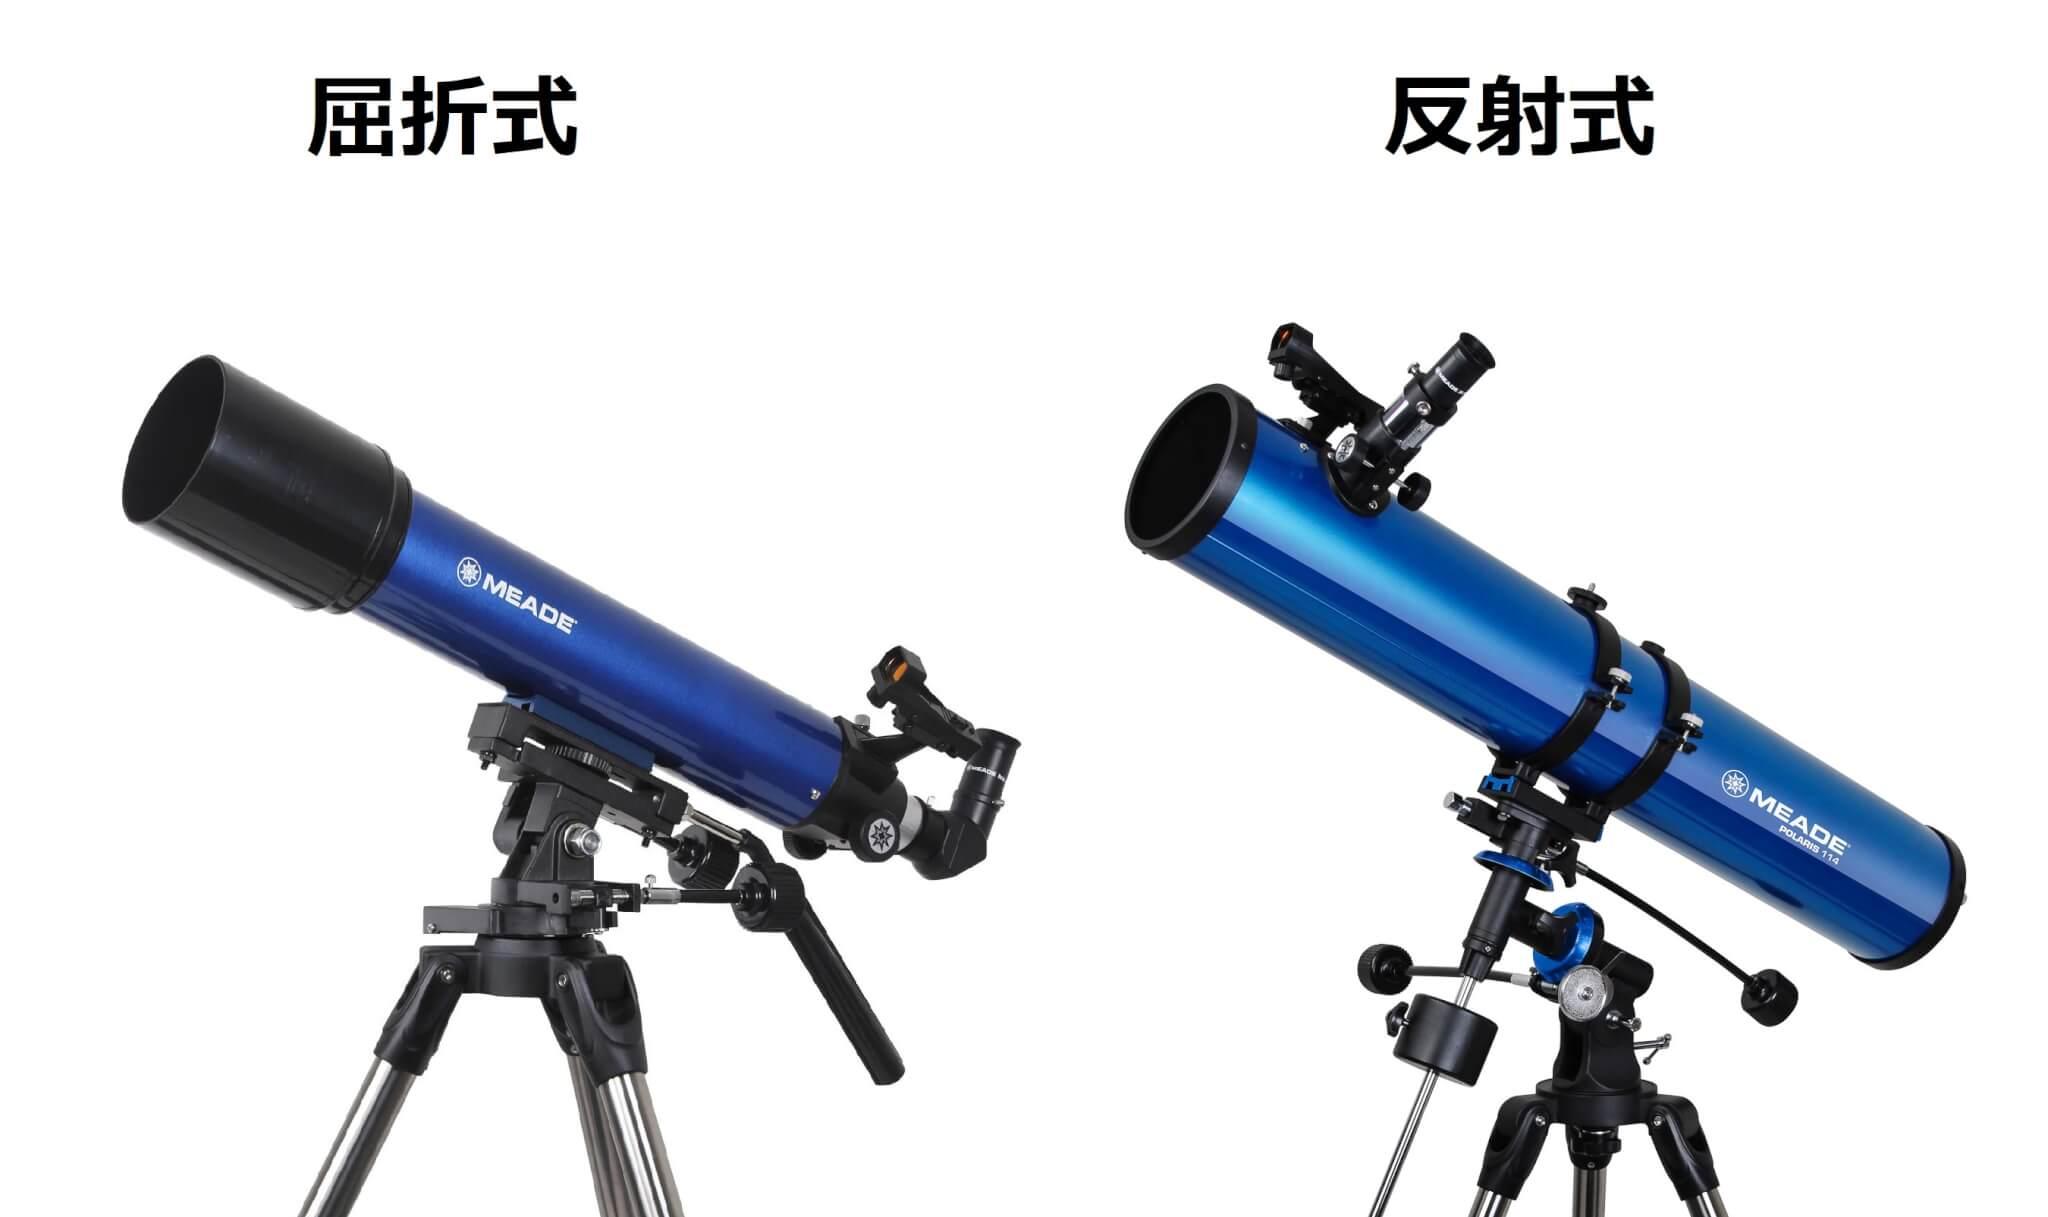 天体望遠鏡の選び方をプロが解説 1. 鏡筒を選ぶ 光学タイプで扱いやすさや価格が決まる